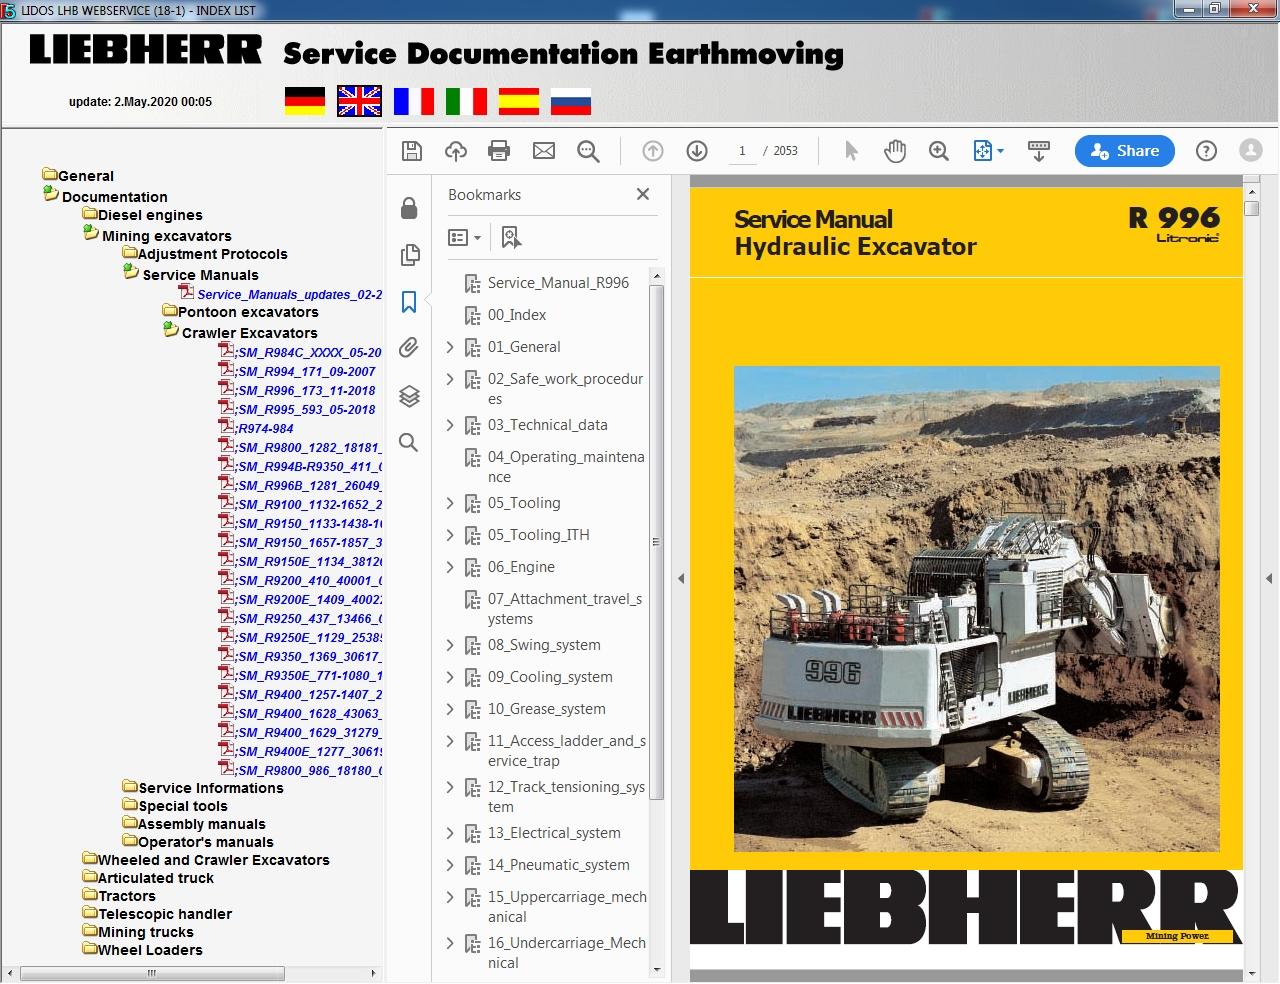 Liebherr_Lidos_COTLBHLFRLHBLWELWT_Online_EPC_Service_Document_Updated_052020_6